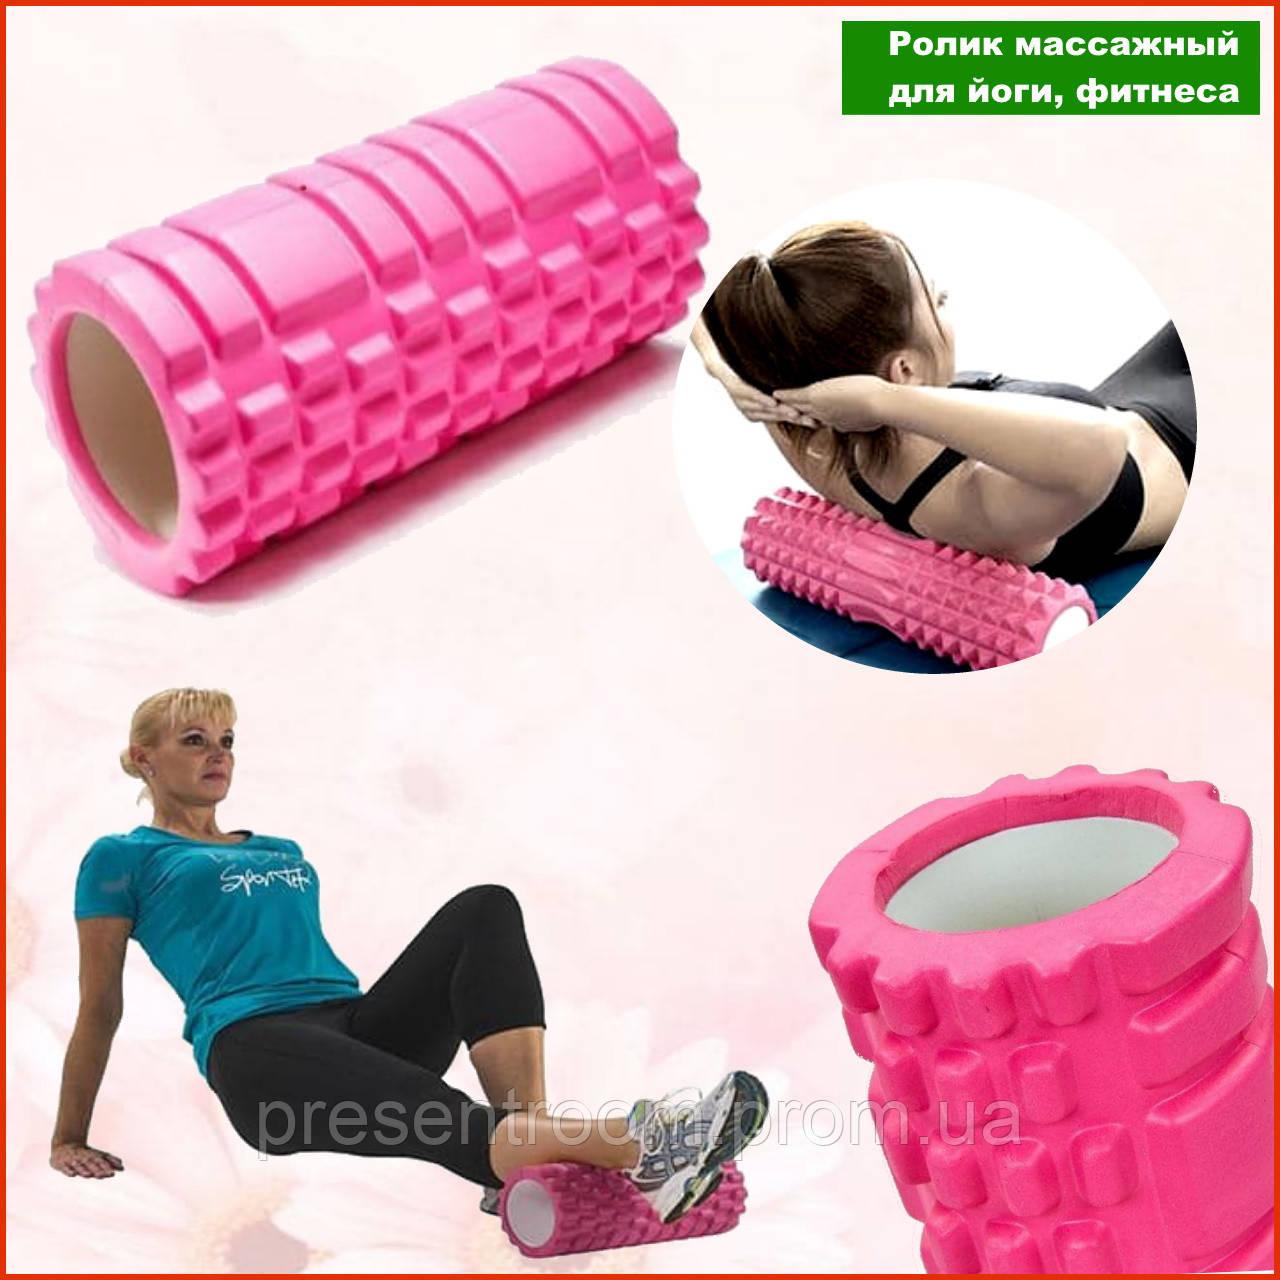 Масажний вал ролик для йоги масажу масажний круглий фітнесу ролер спина шия ребристий гімнастичний